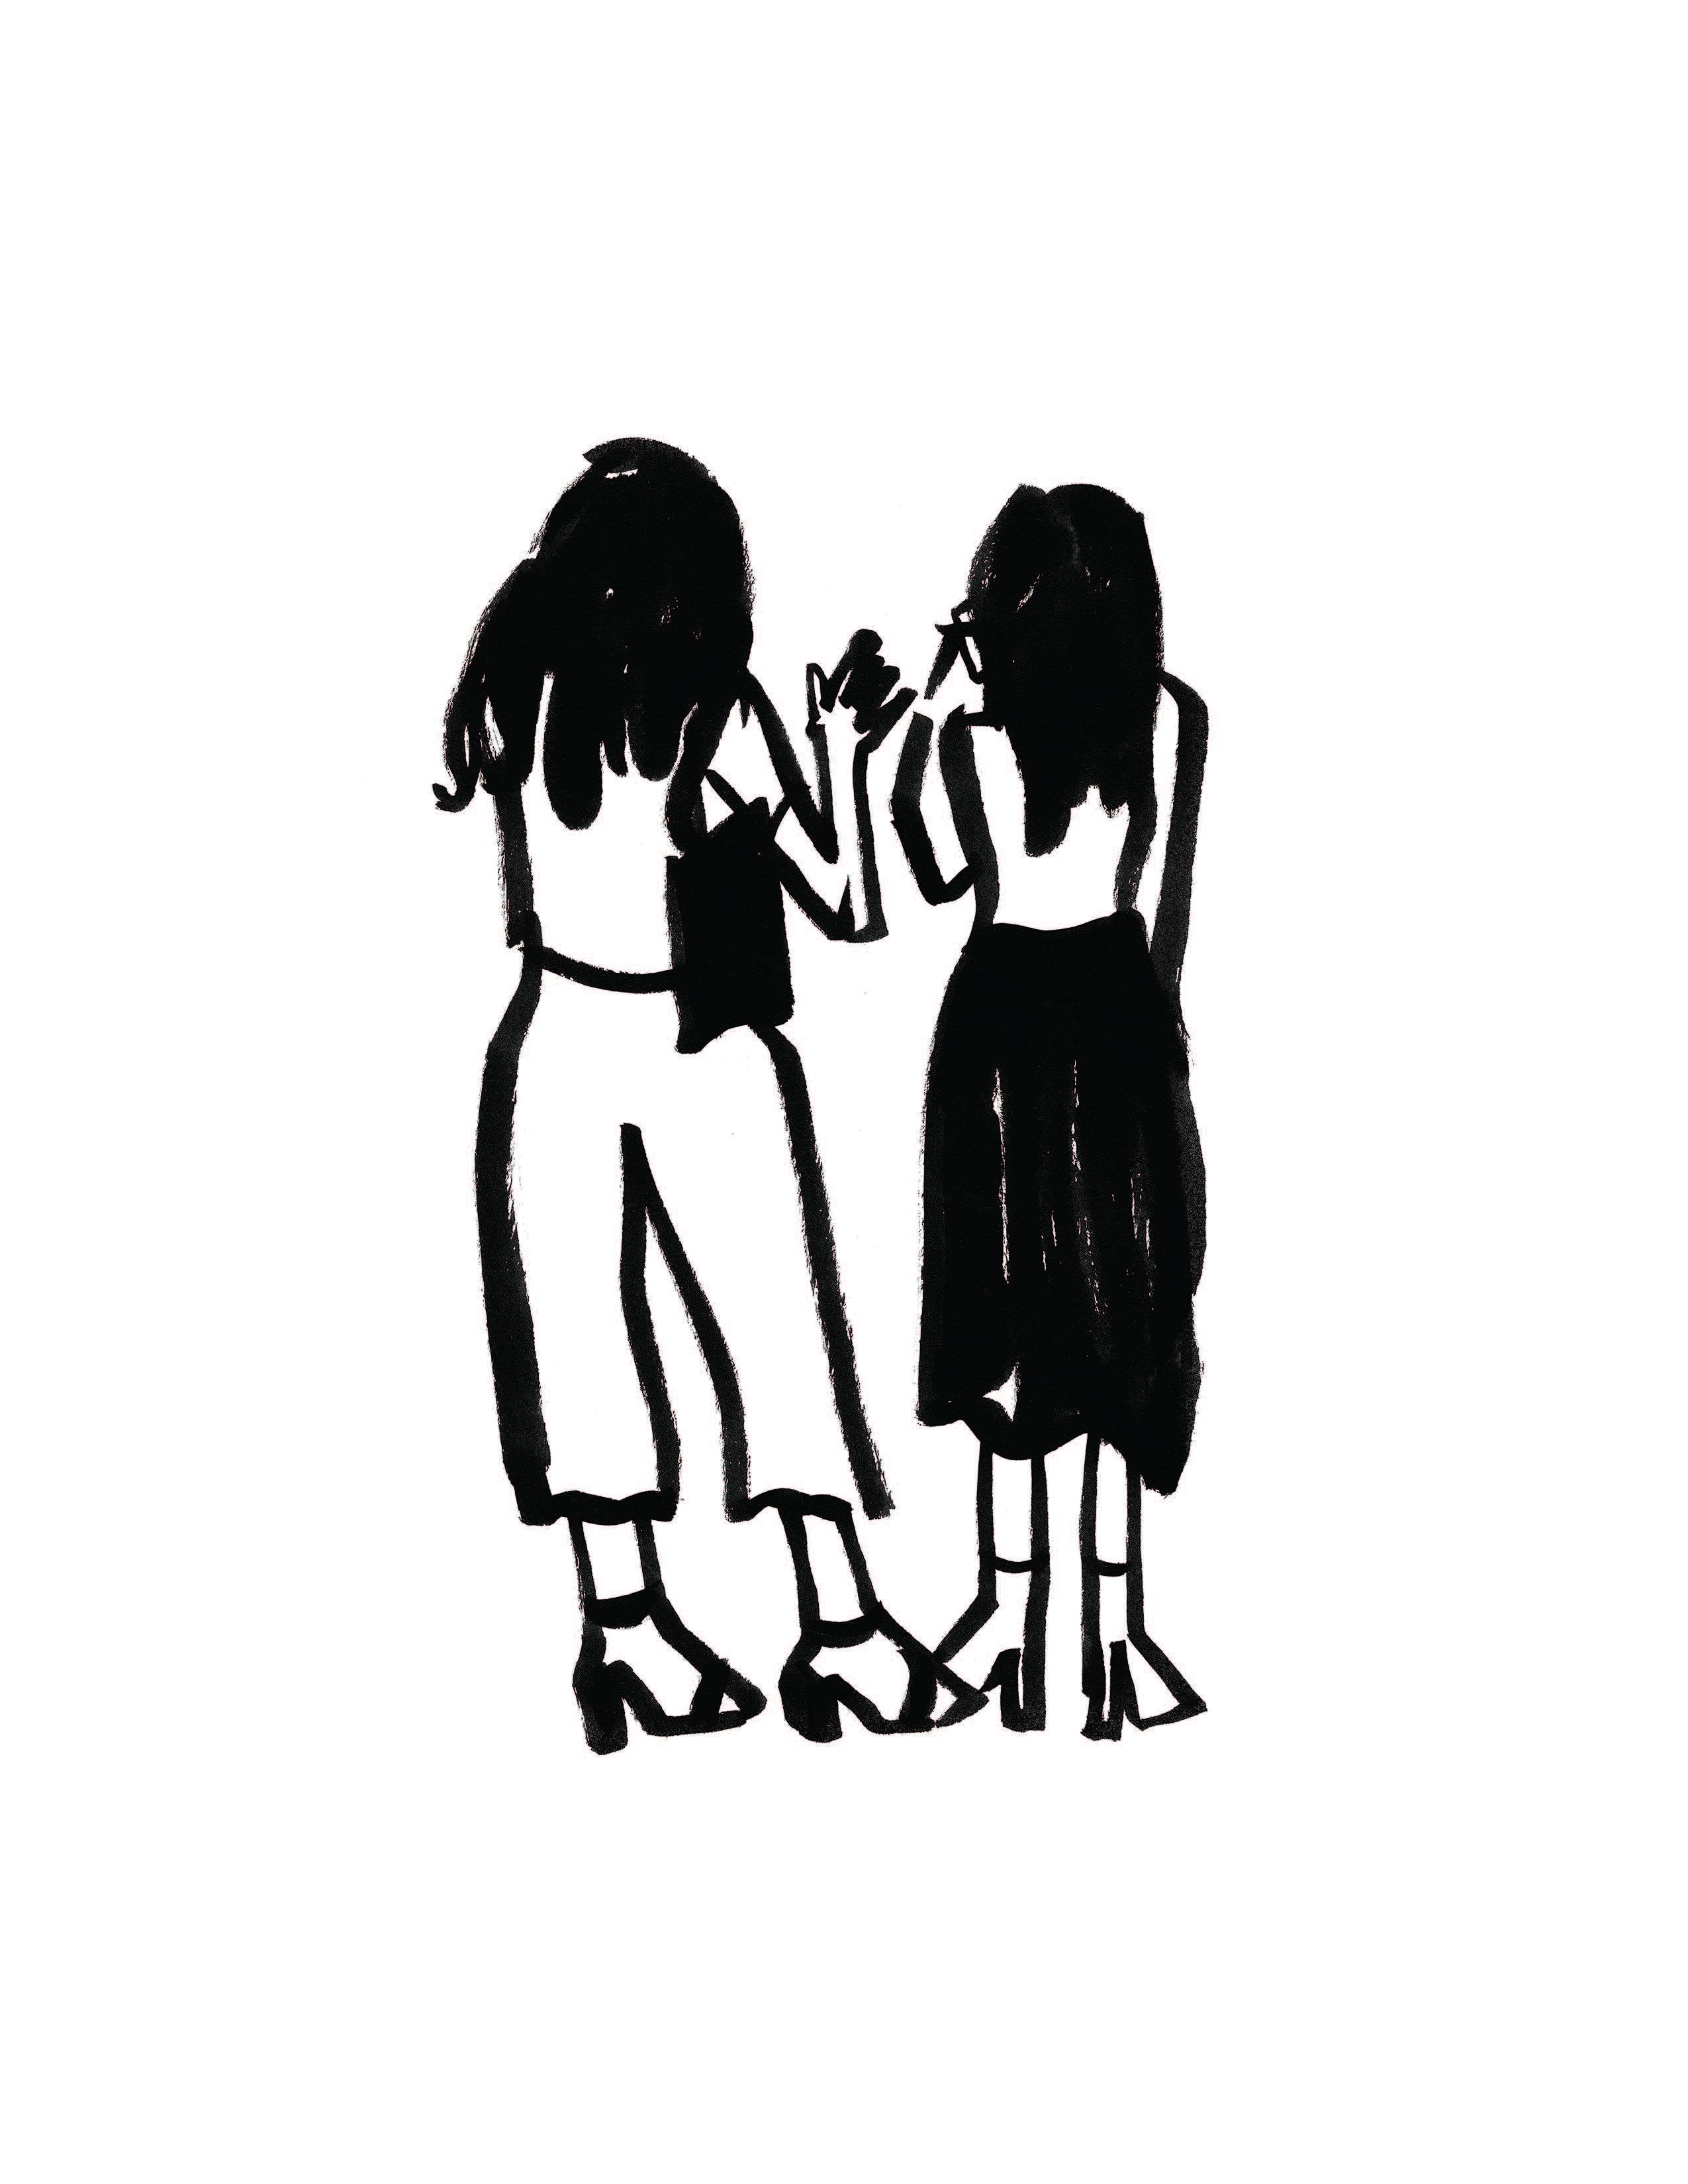 ladies_drawings_8.5x11_Page_03